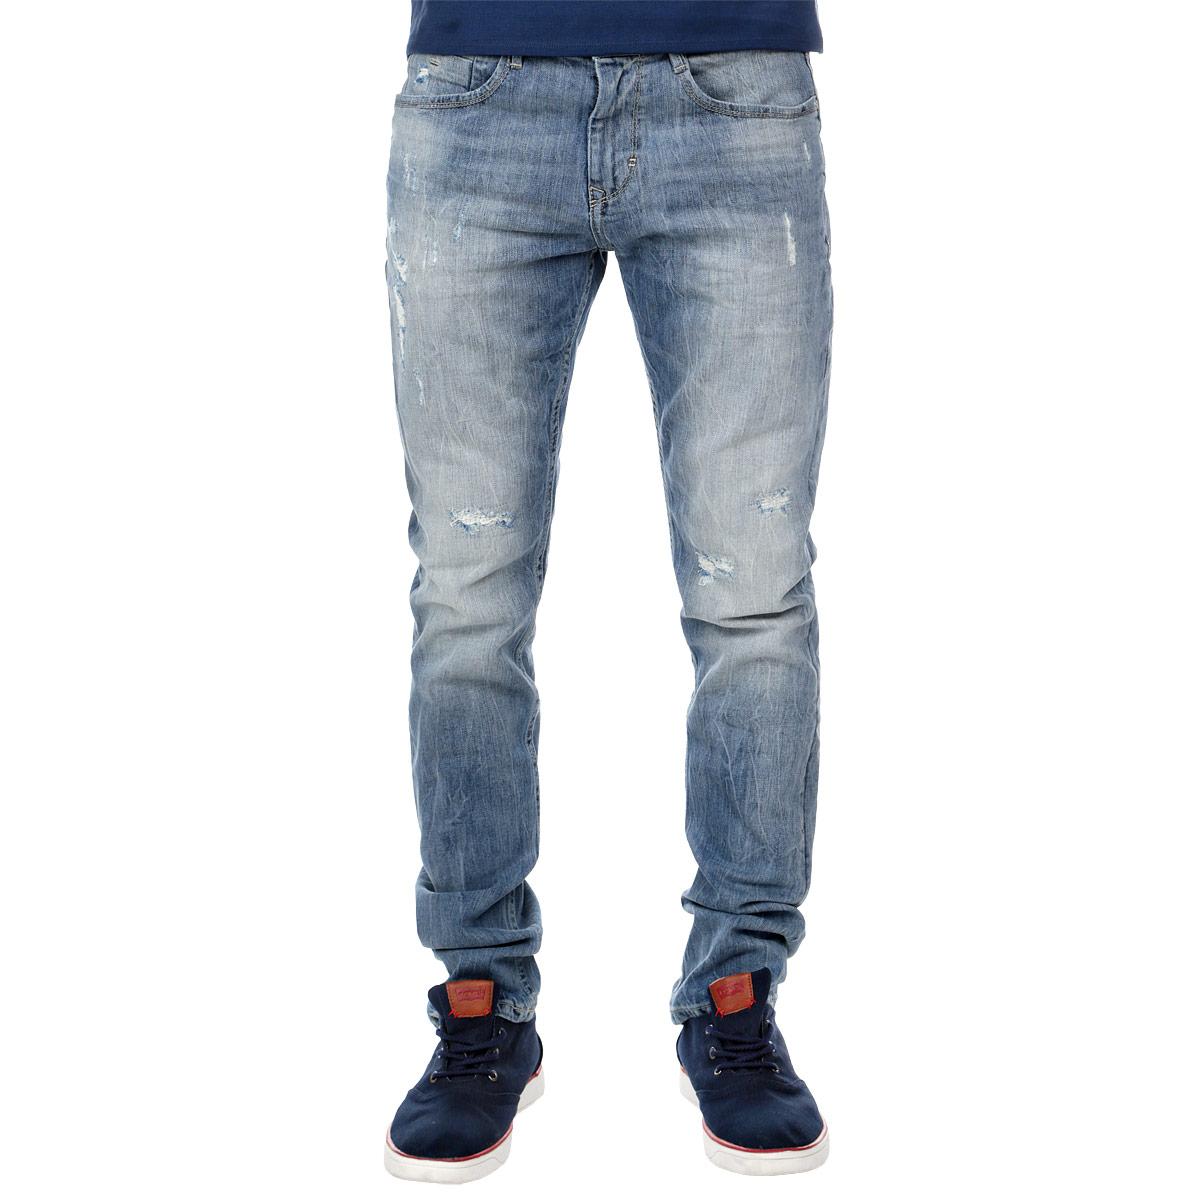 Джинсы мужские. 6203463.00.156203463.00.15Стильные мужские джинсы Tom Tailor, изготовленные из эластичного хлопка, прекрасно дополнят образ, а также подарят комфорт. Джинсы на талии застегиваются на металлическую пуговицу и имеют ширинку на застежке-молнии, а также шлевки для ремня. Спереди модель дополнена двумя втачными карманами и одним накладным кармашком, а сзади - двумя накладными карманами. Джинсы оформлены металлическими клепками, эффектом потертости и рваными дырками. Эти модные и в тоже время удобные джинсы помогут вам создать оригинальный современный образ. В них вы всегда будете чувствовать себя уверенно и комфортно.